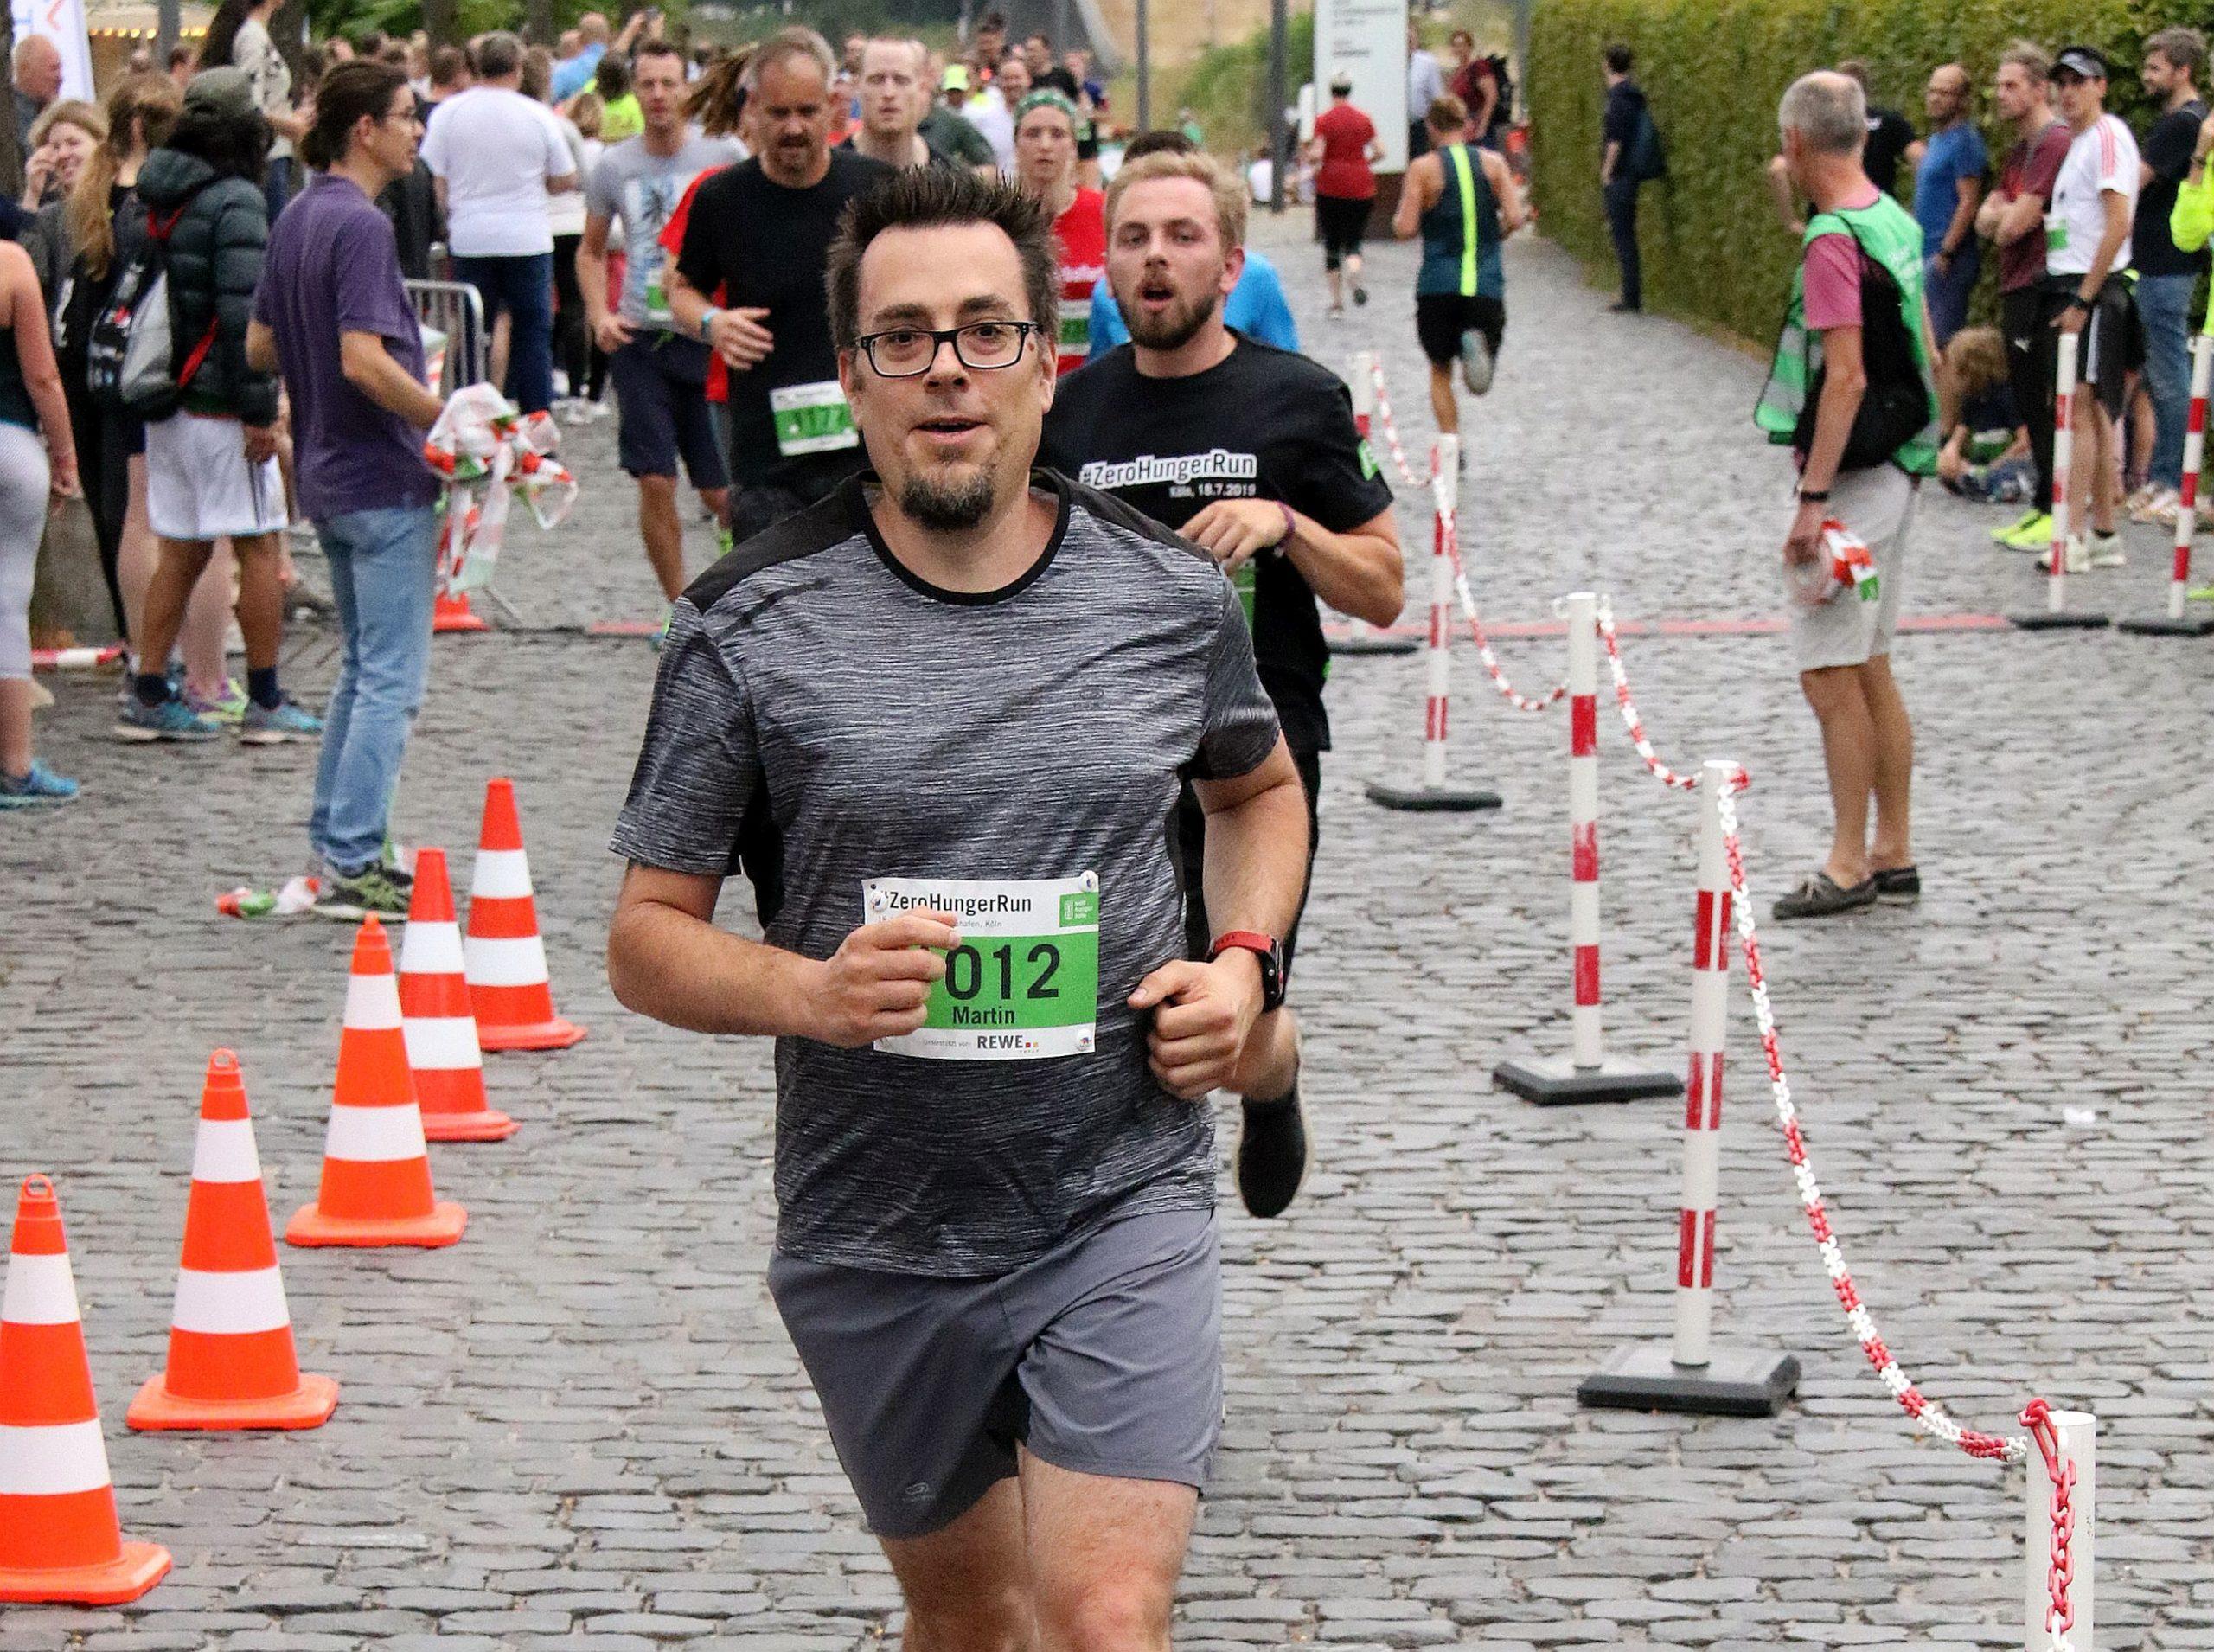 Martin während eines 10 Kilometer-Laufes in Köln